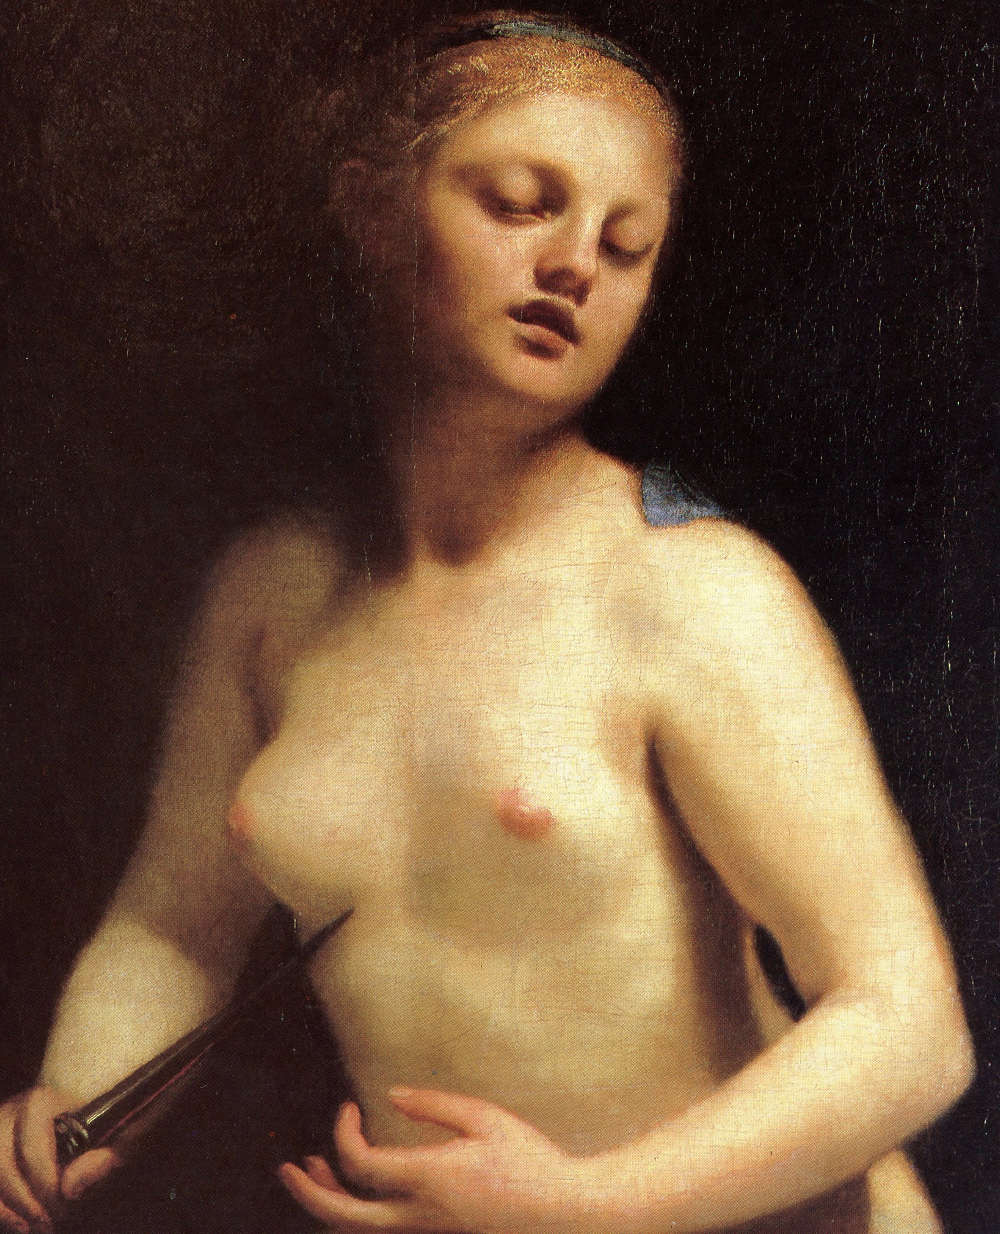 Guido Cagnacci, La mort de Lucrèce, vers 1660-1663, Lyon, Musée des Beaux-Arts.